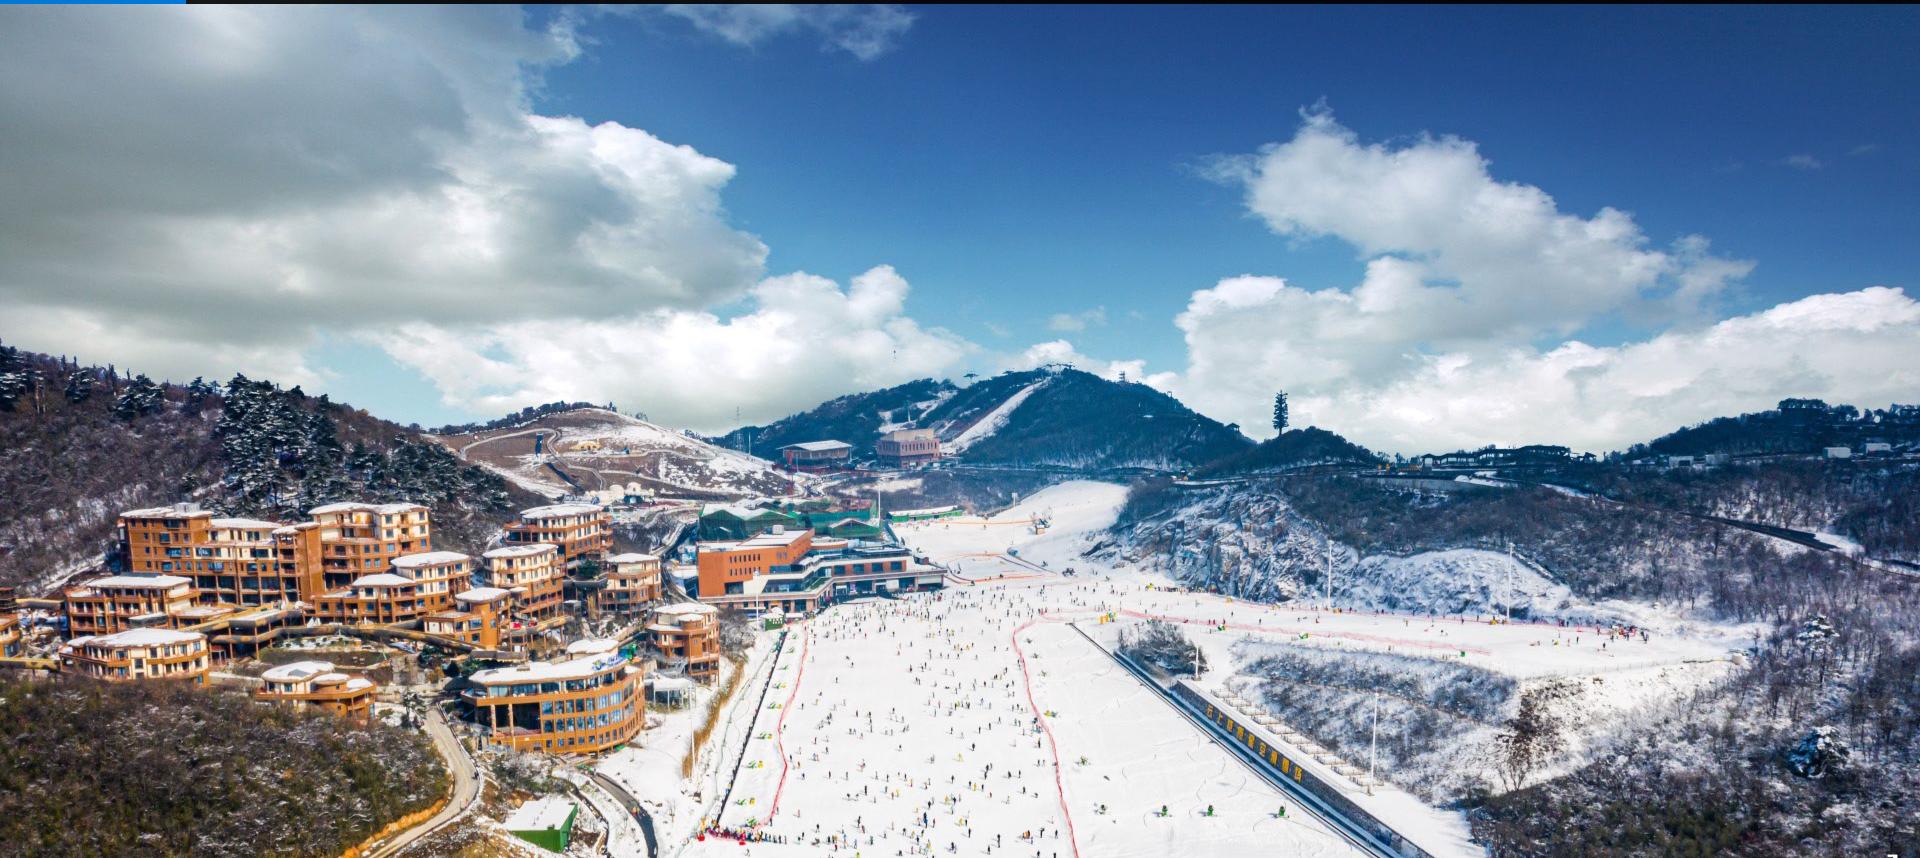 雲上草原星空滑雪場